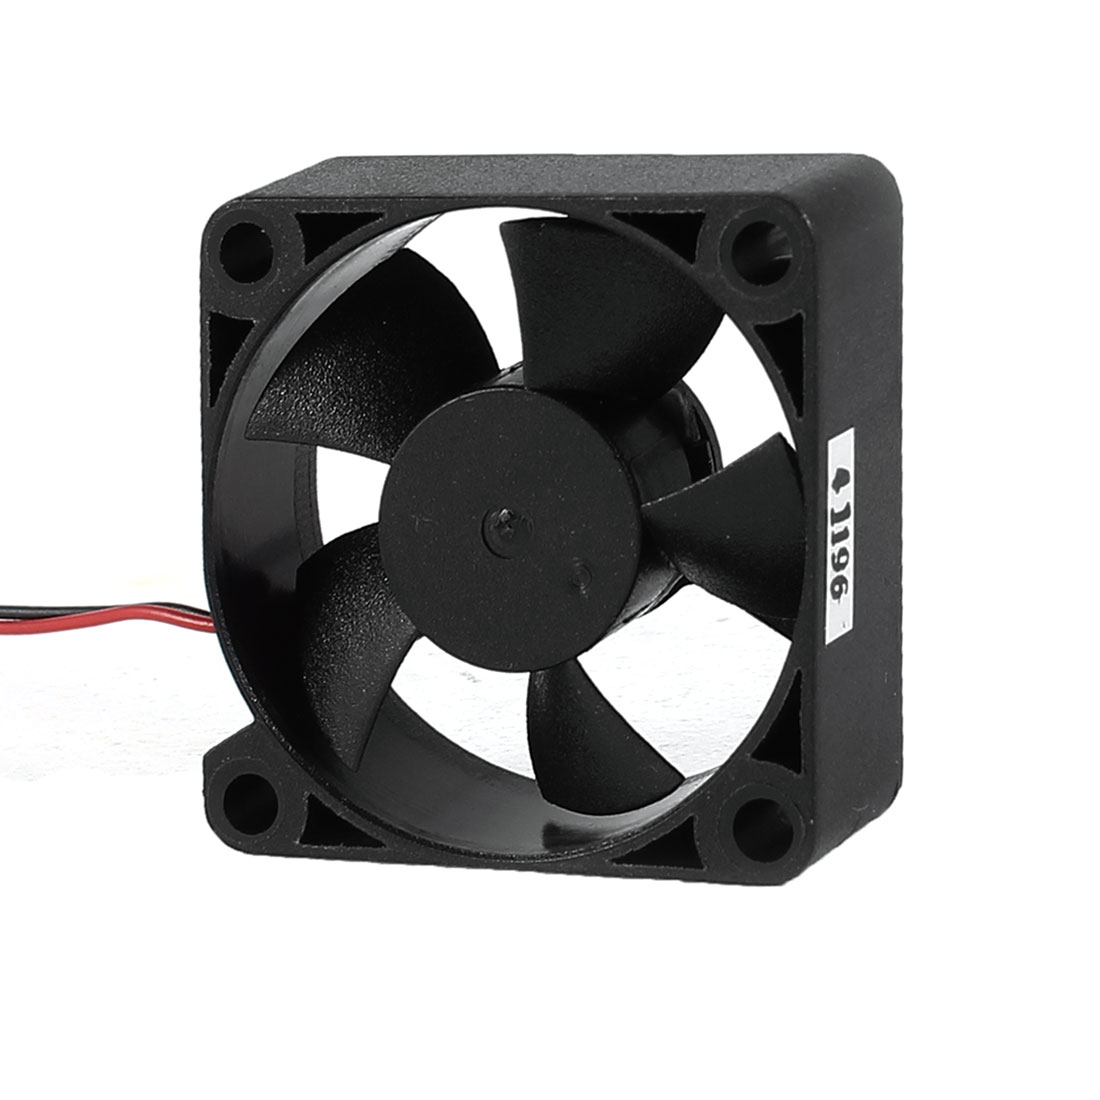 DC 12V 0.09A 35mm x 10mm Cooling Fan Black for Chipset CPU Cooler Heat Sink